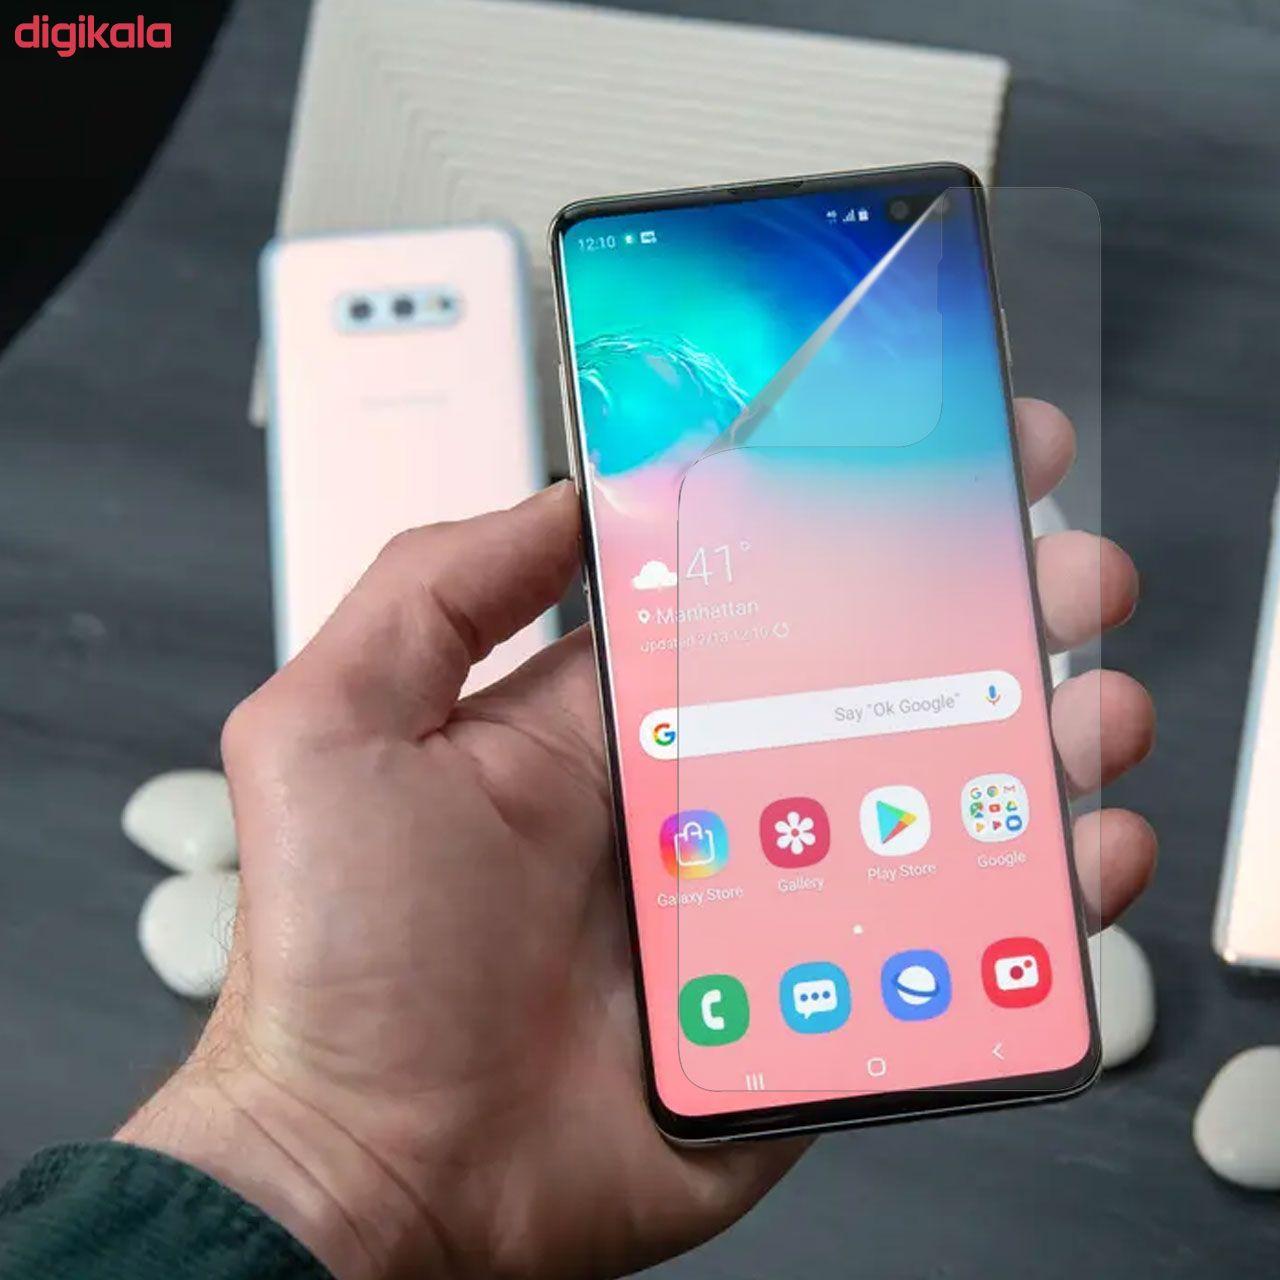 محافظ صفحه نمایش نانو هورس مدل FSN مناسب برای گوشی موبایل سامسونگ Galaxy S10 Plus بسته دو عددی main 1 6